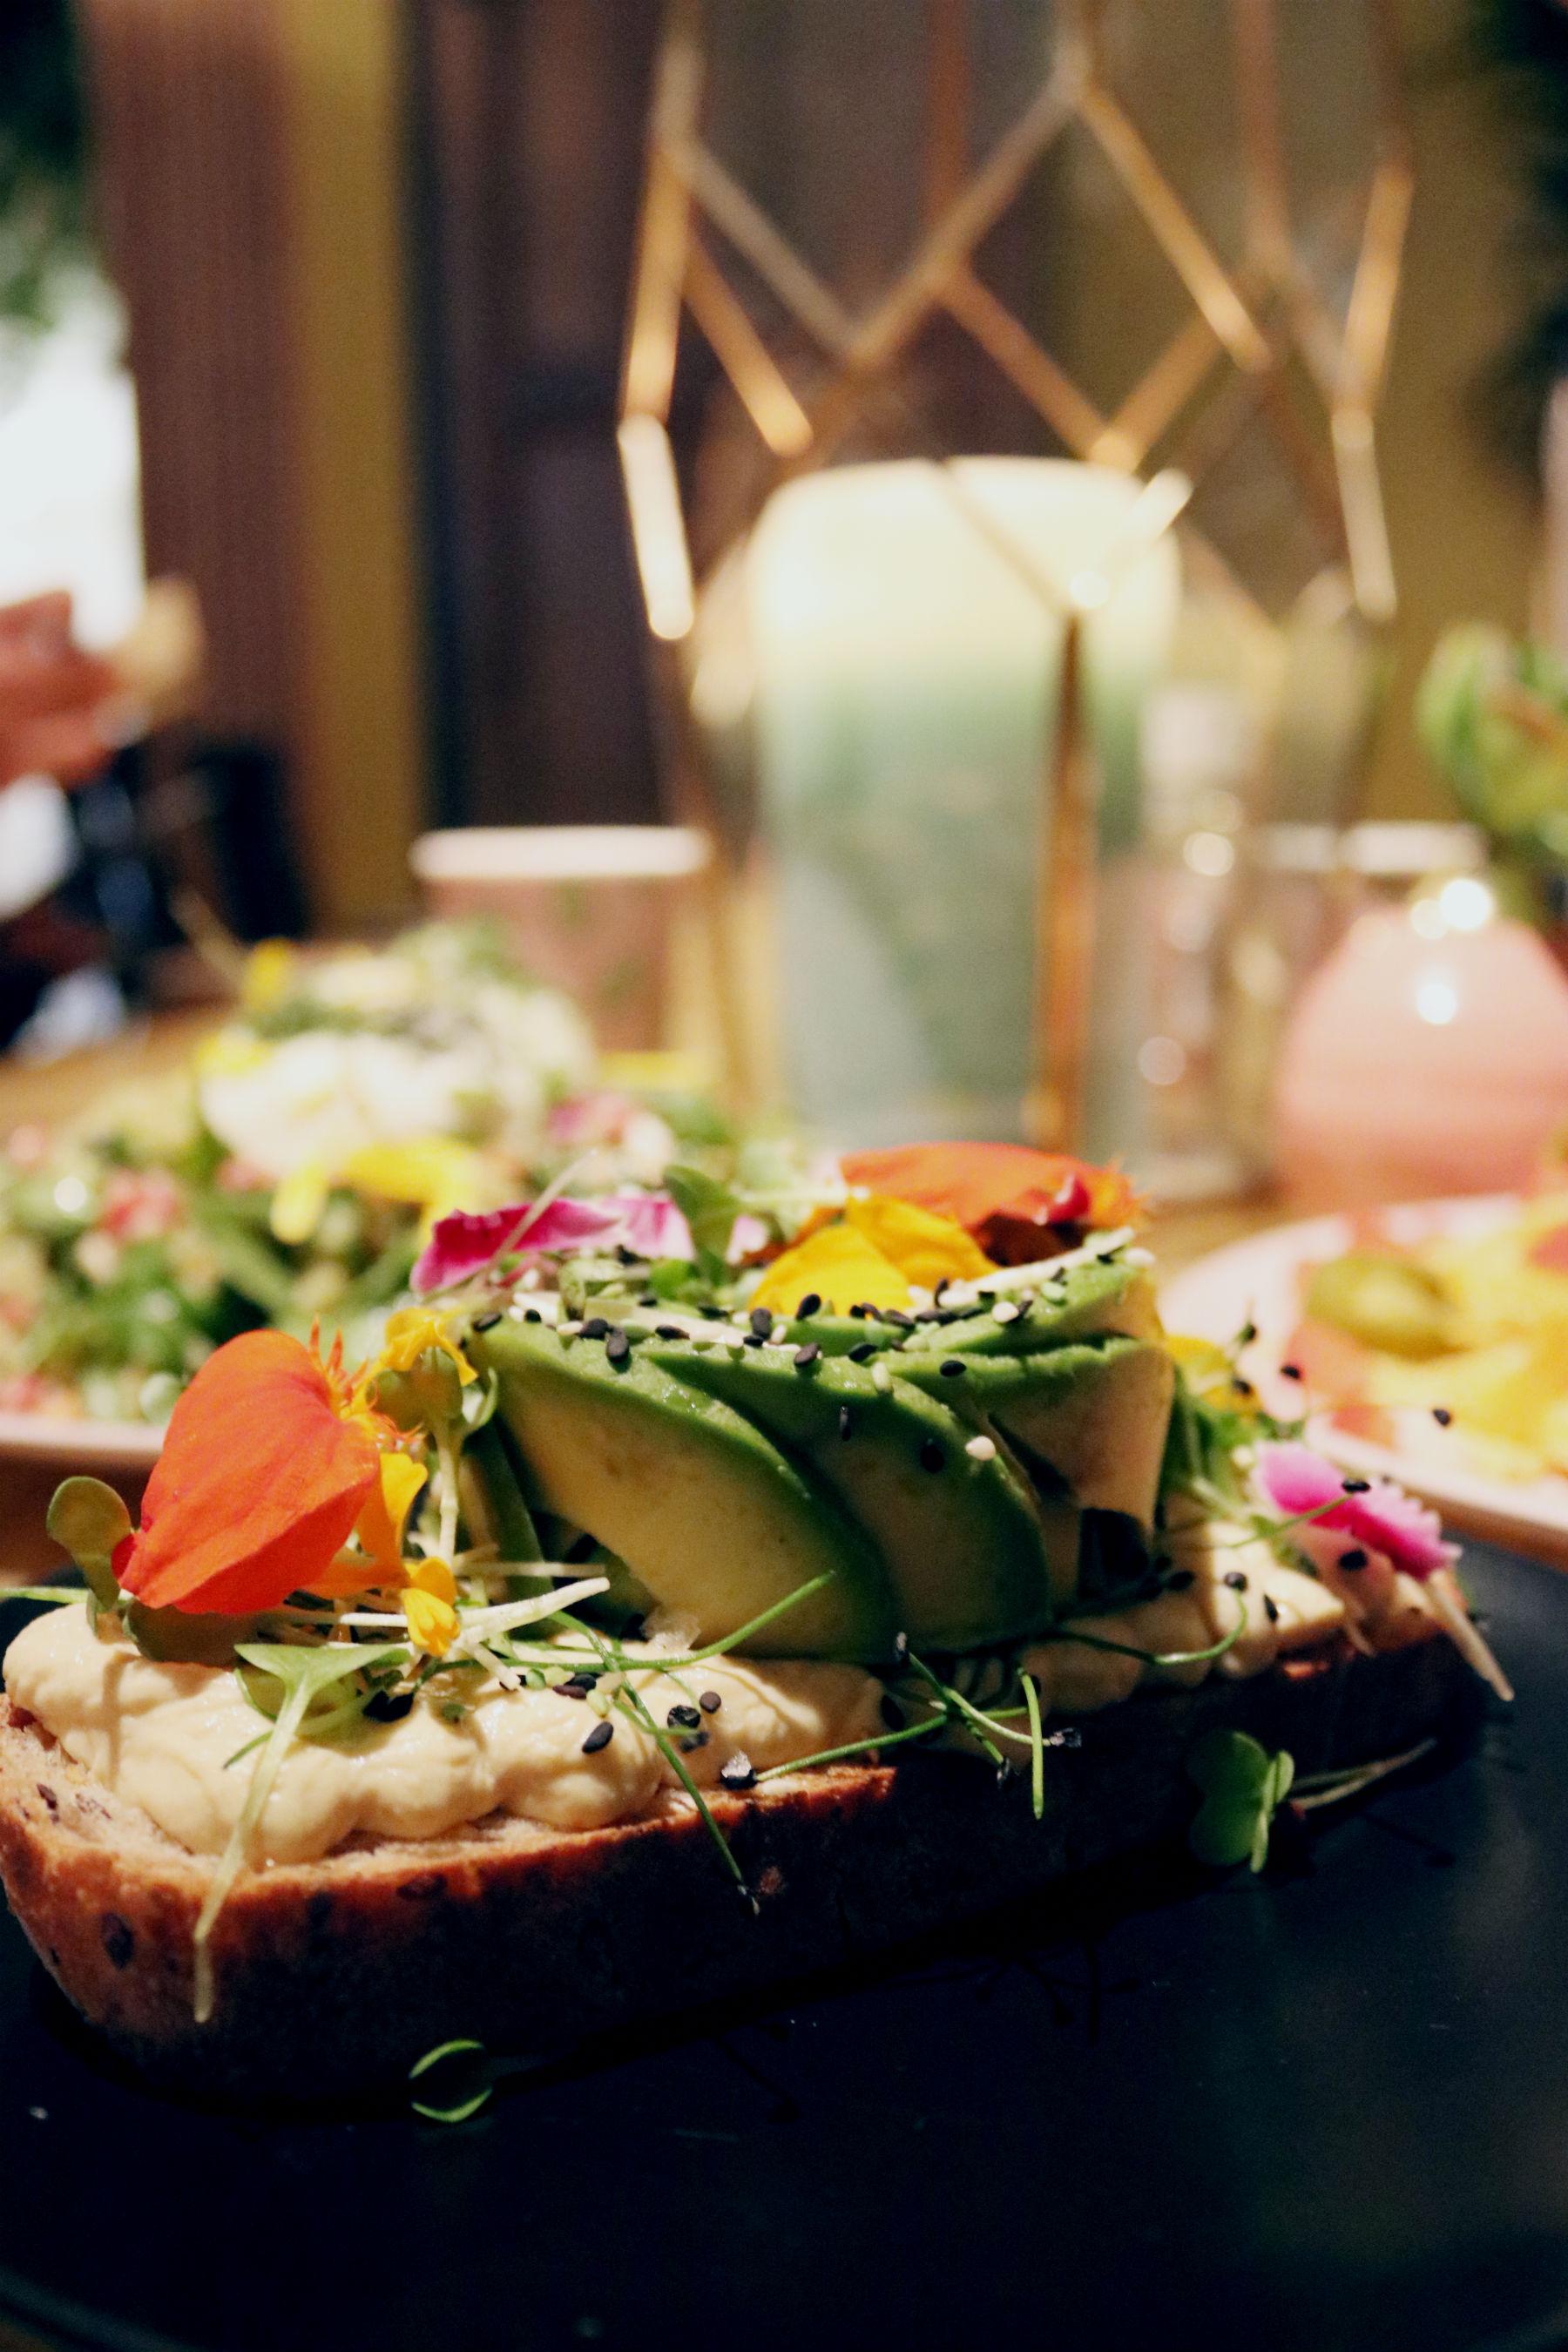 The Avocado Show Amsterdam Brunch